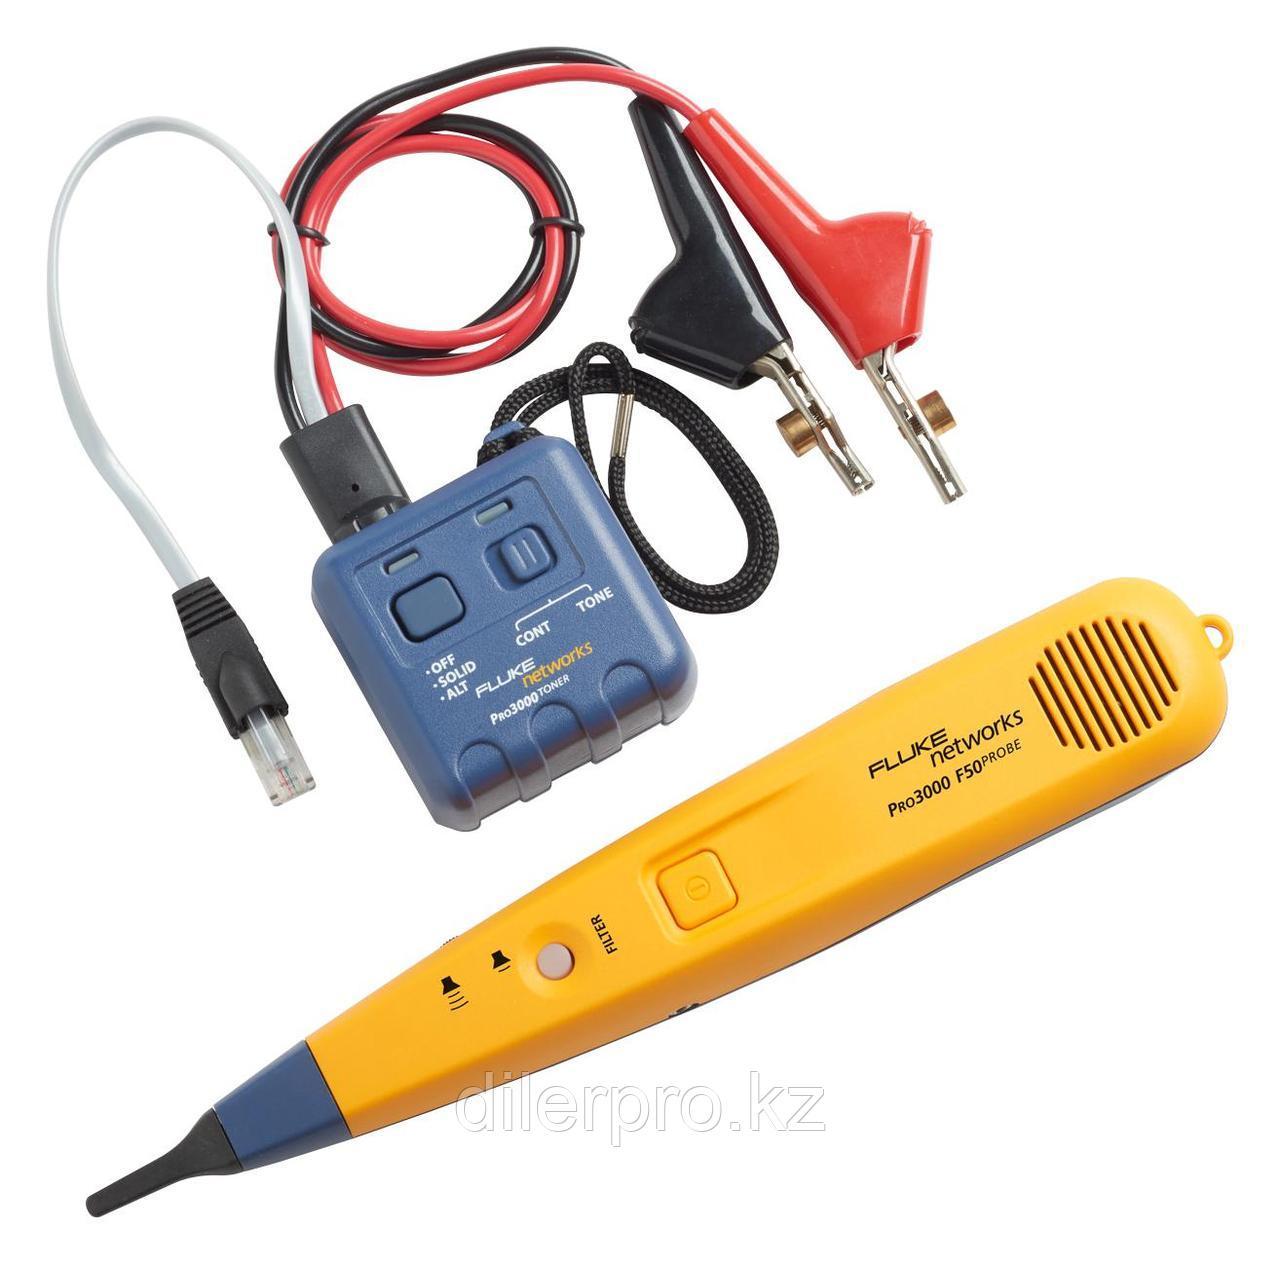 Fluke Networks PRO3000F50-KIT - набор для трассировки кабелей Pro3000F (50Hz), щуп и генератор